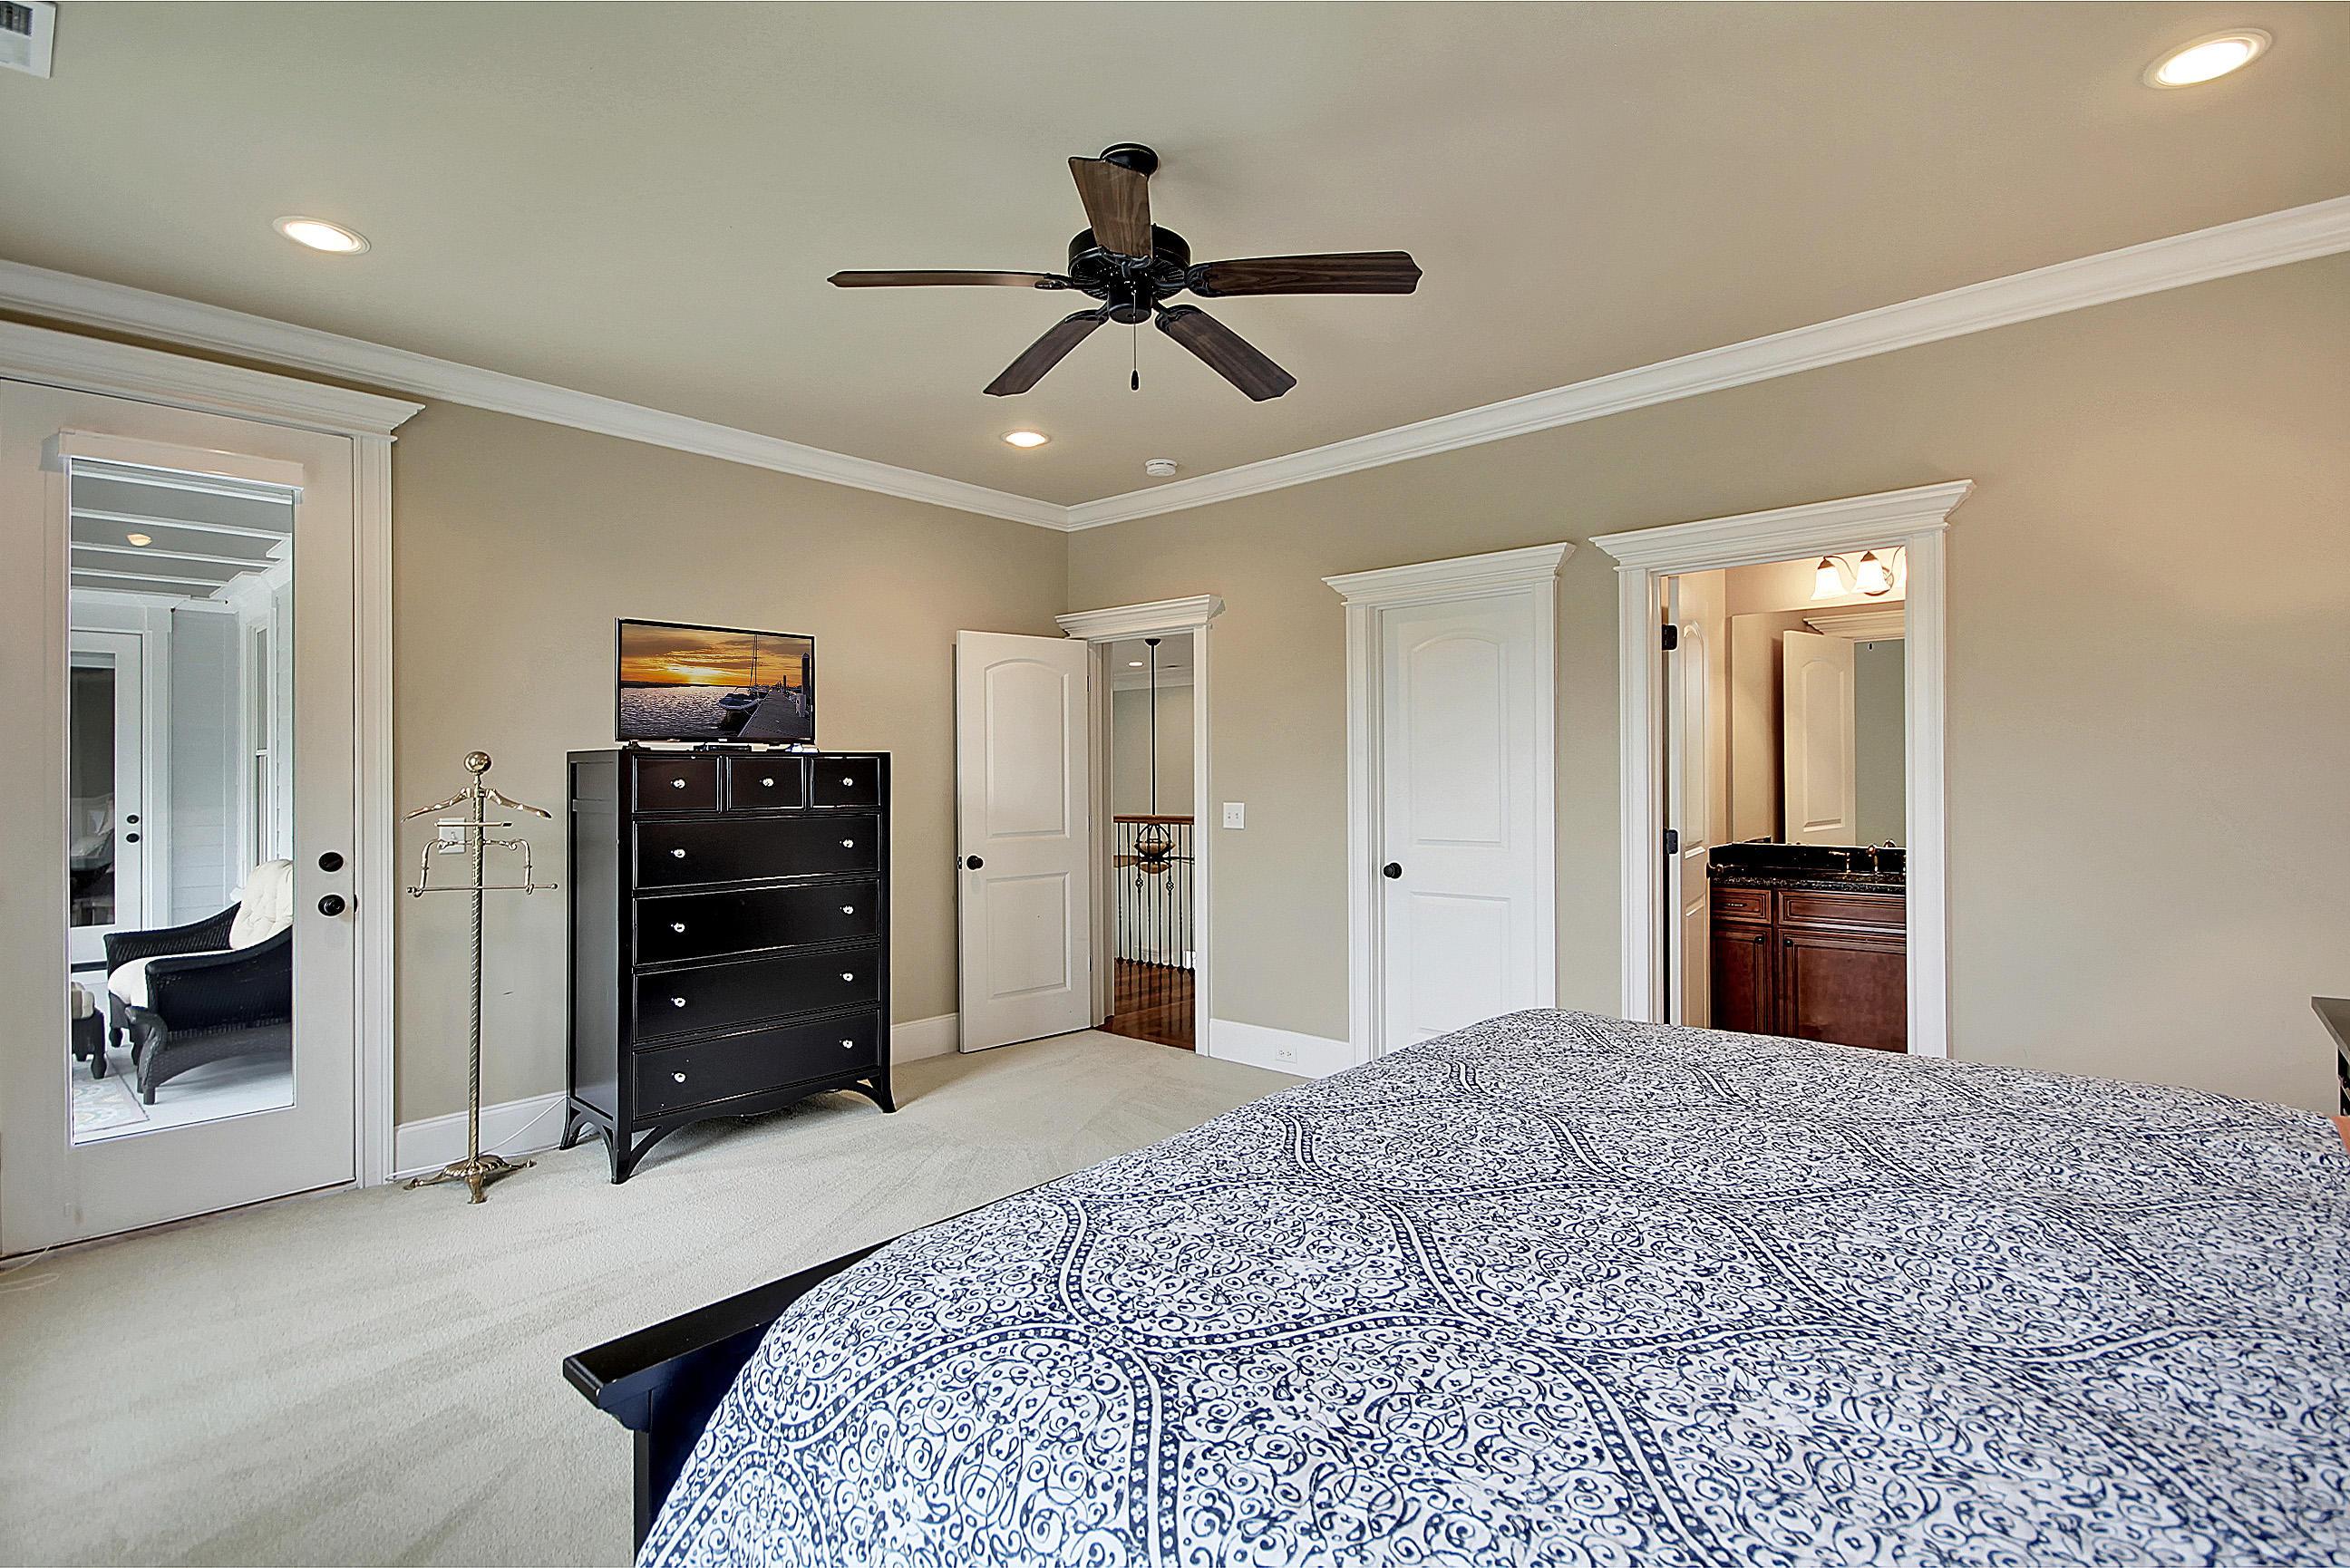 Park West Homes For Sale - 3940 Ashton Shore, Mount Pleasant, SC - 14